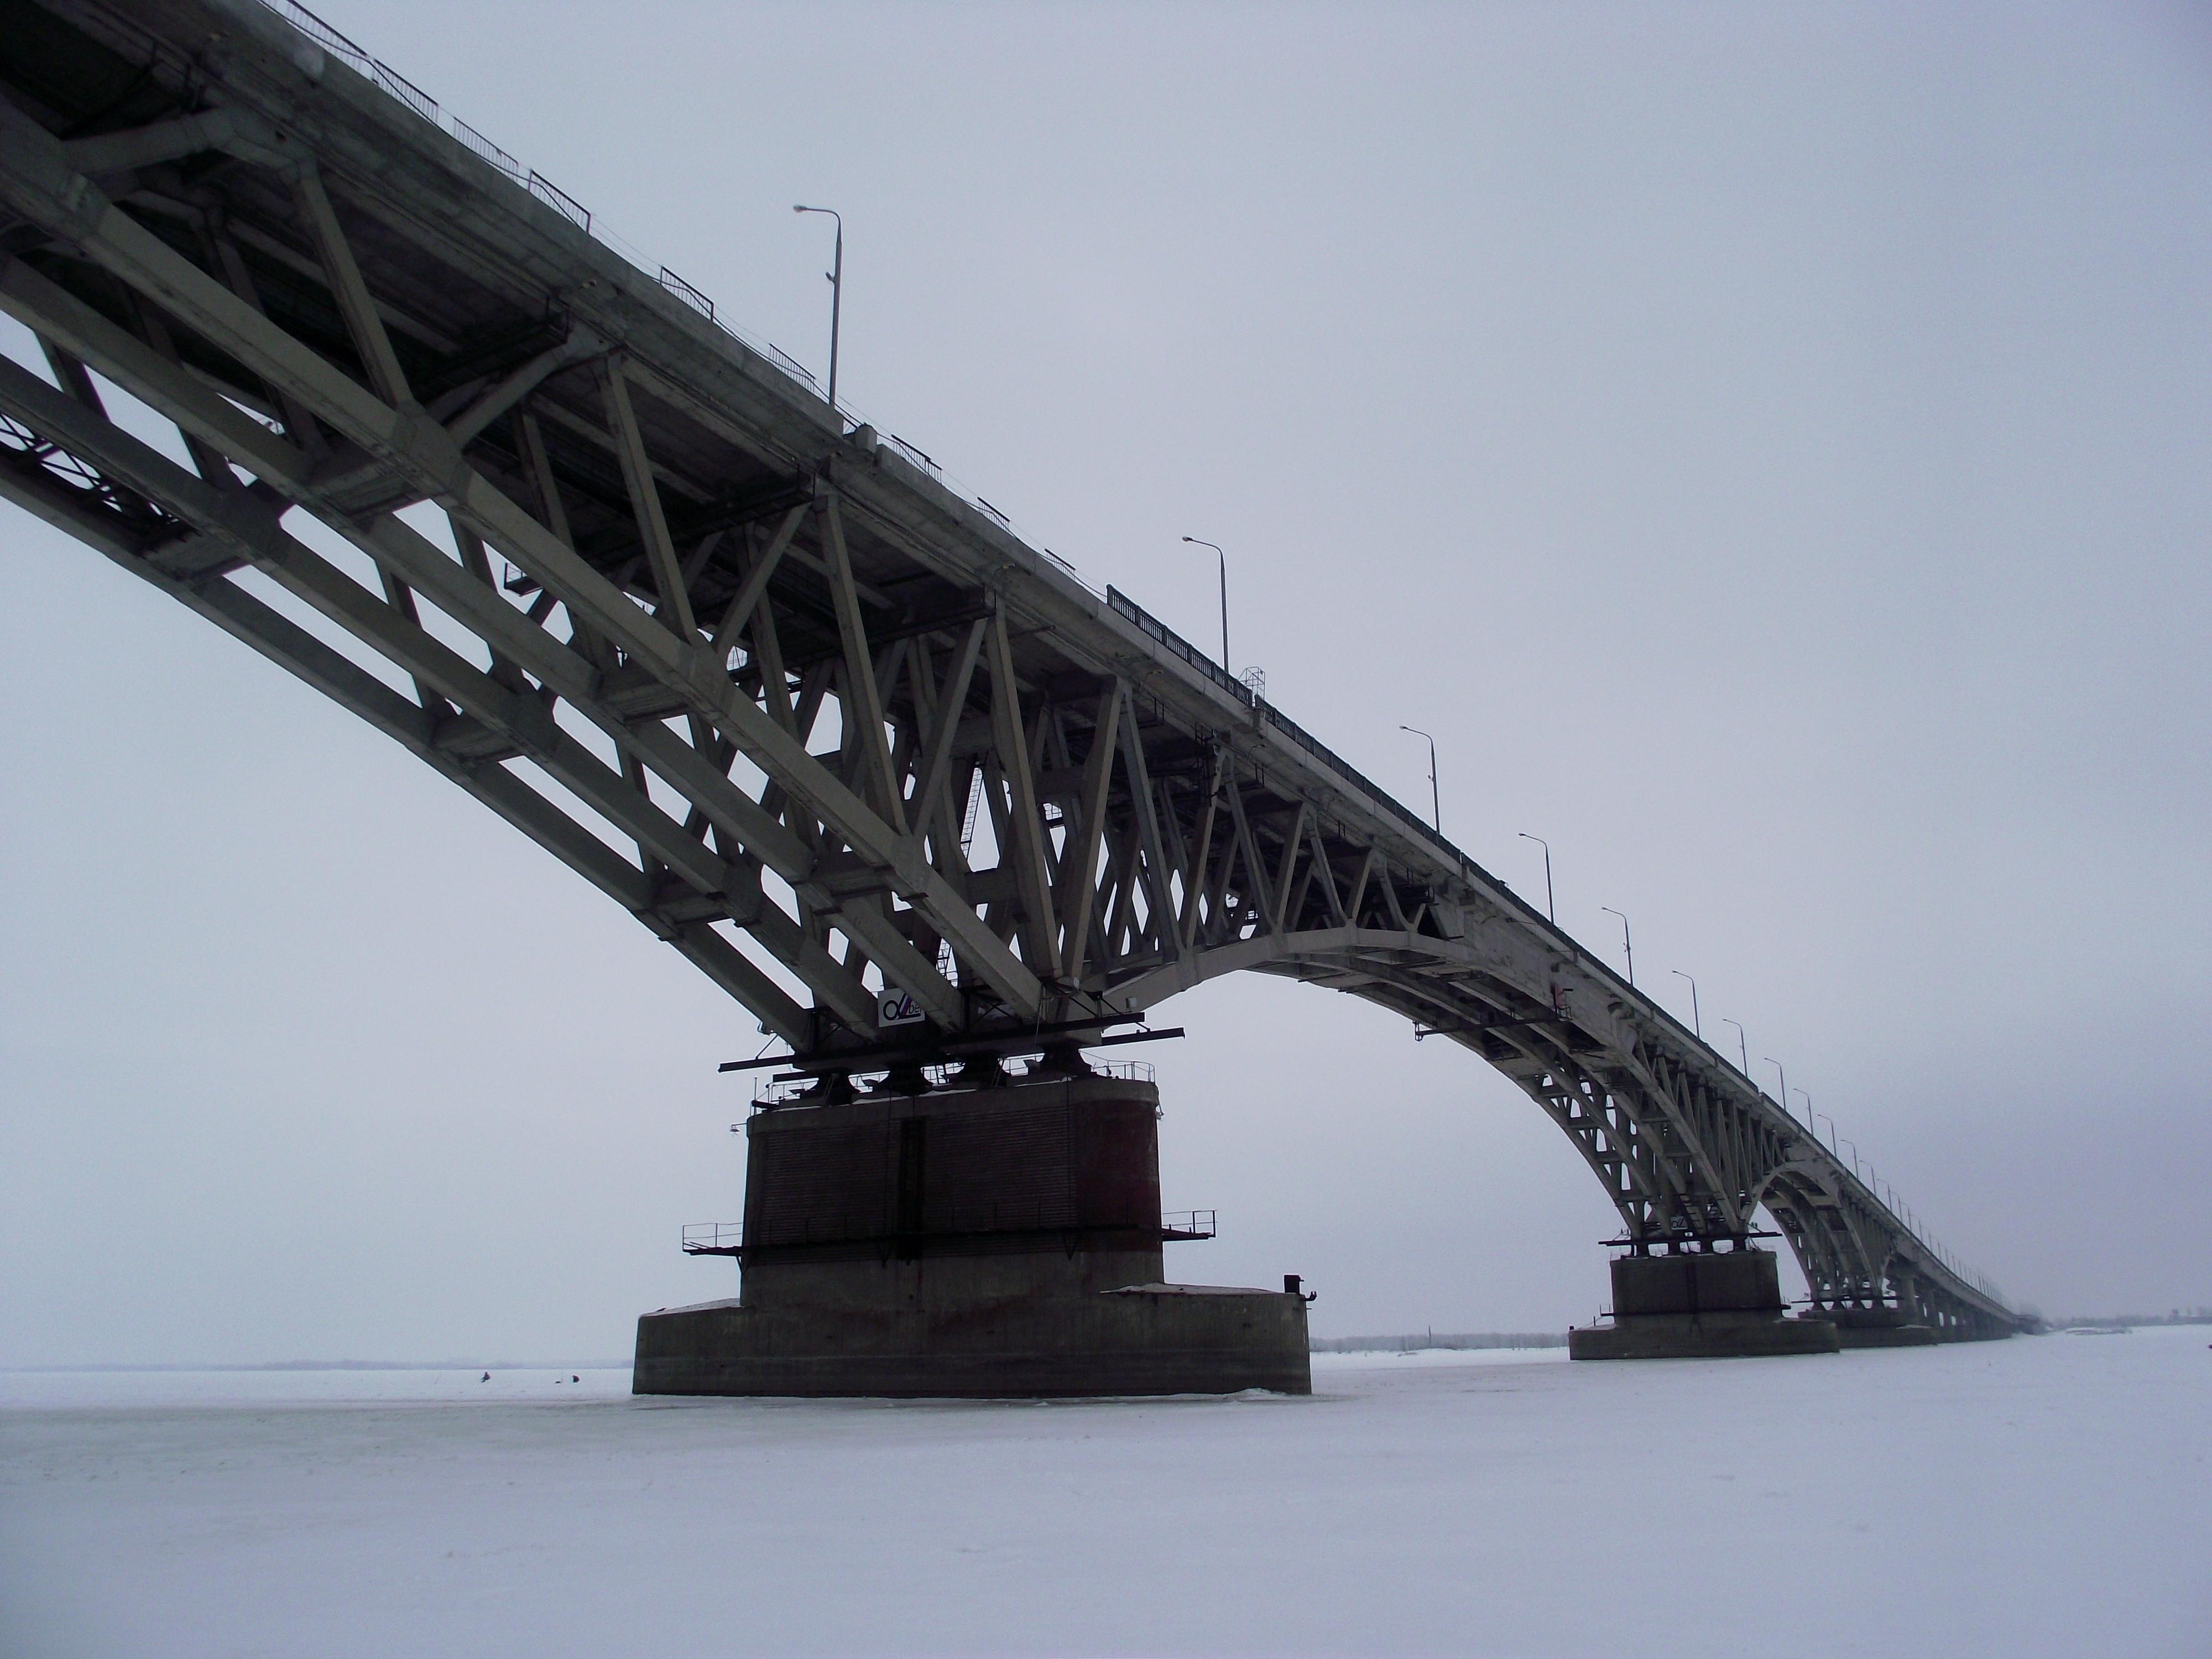 Acoustic emission test of bridges